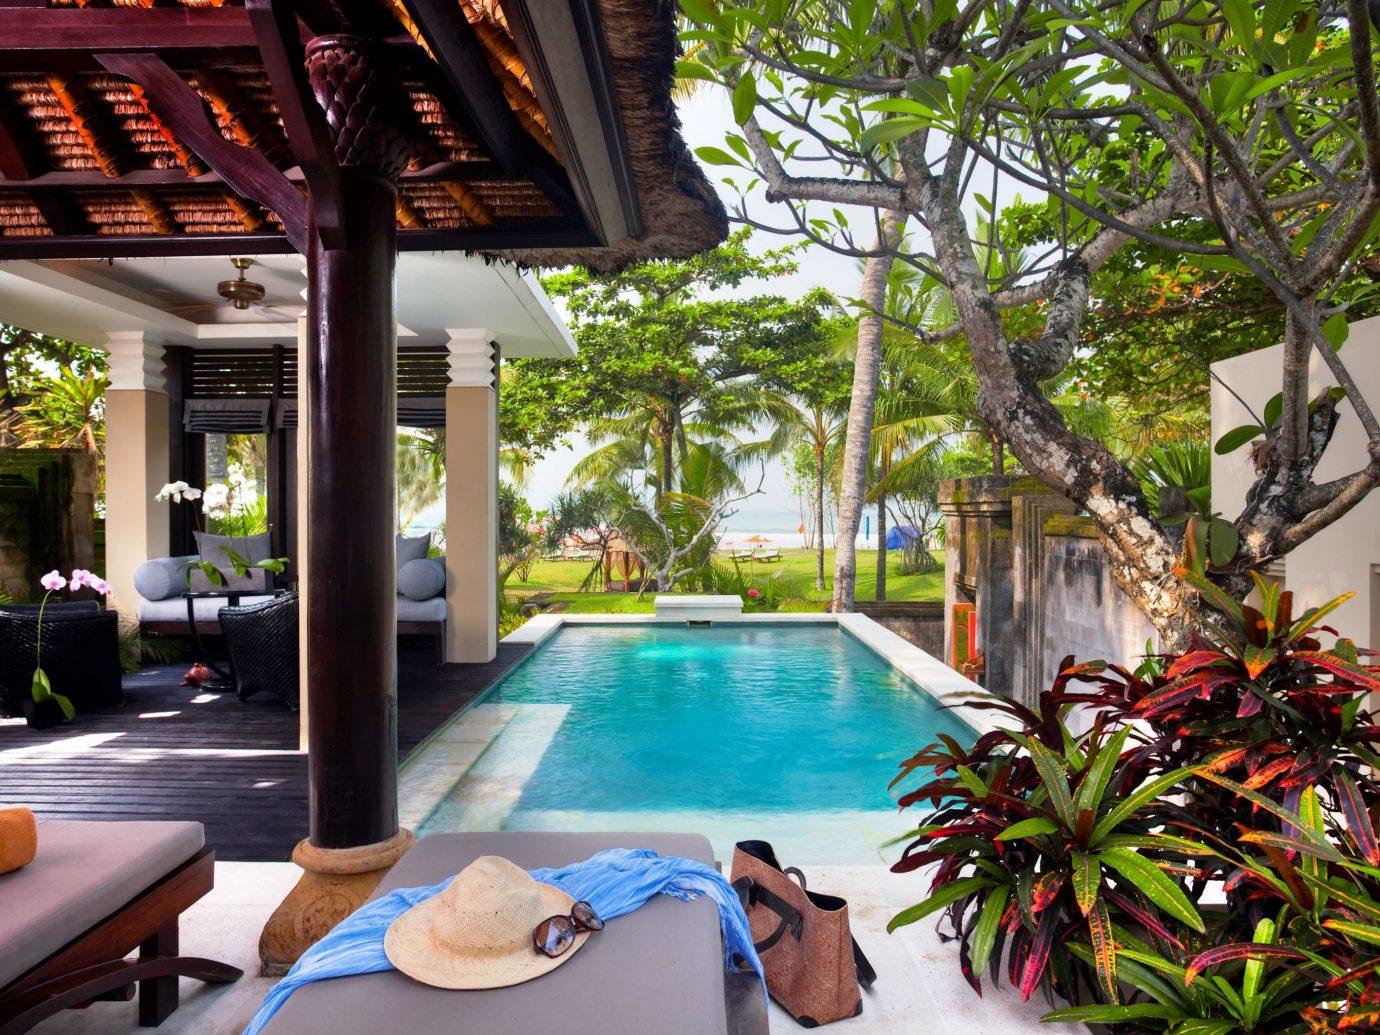 Pool at The Royal Beach Seminyak, Indonesia